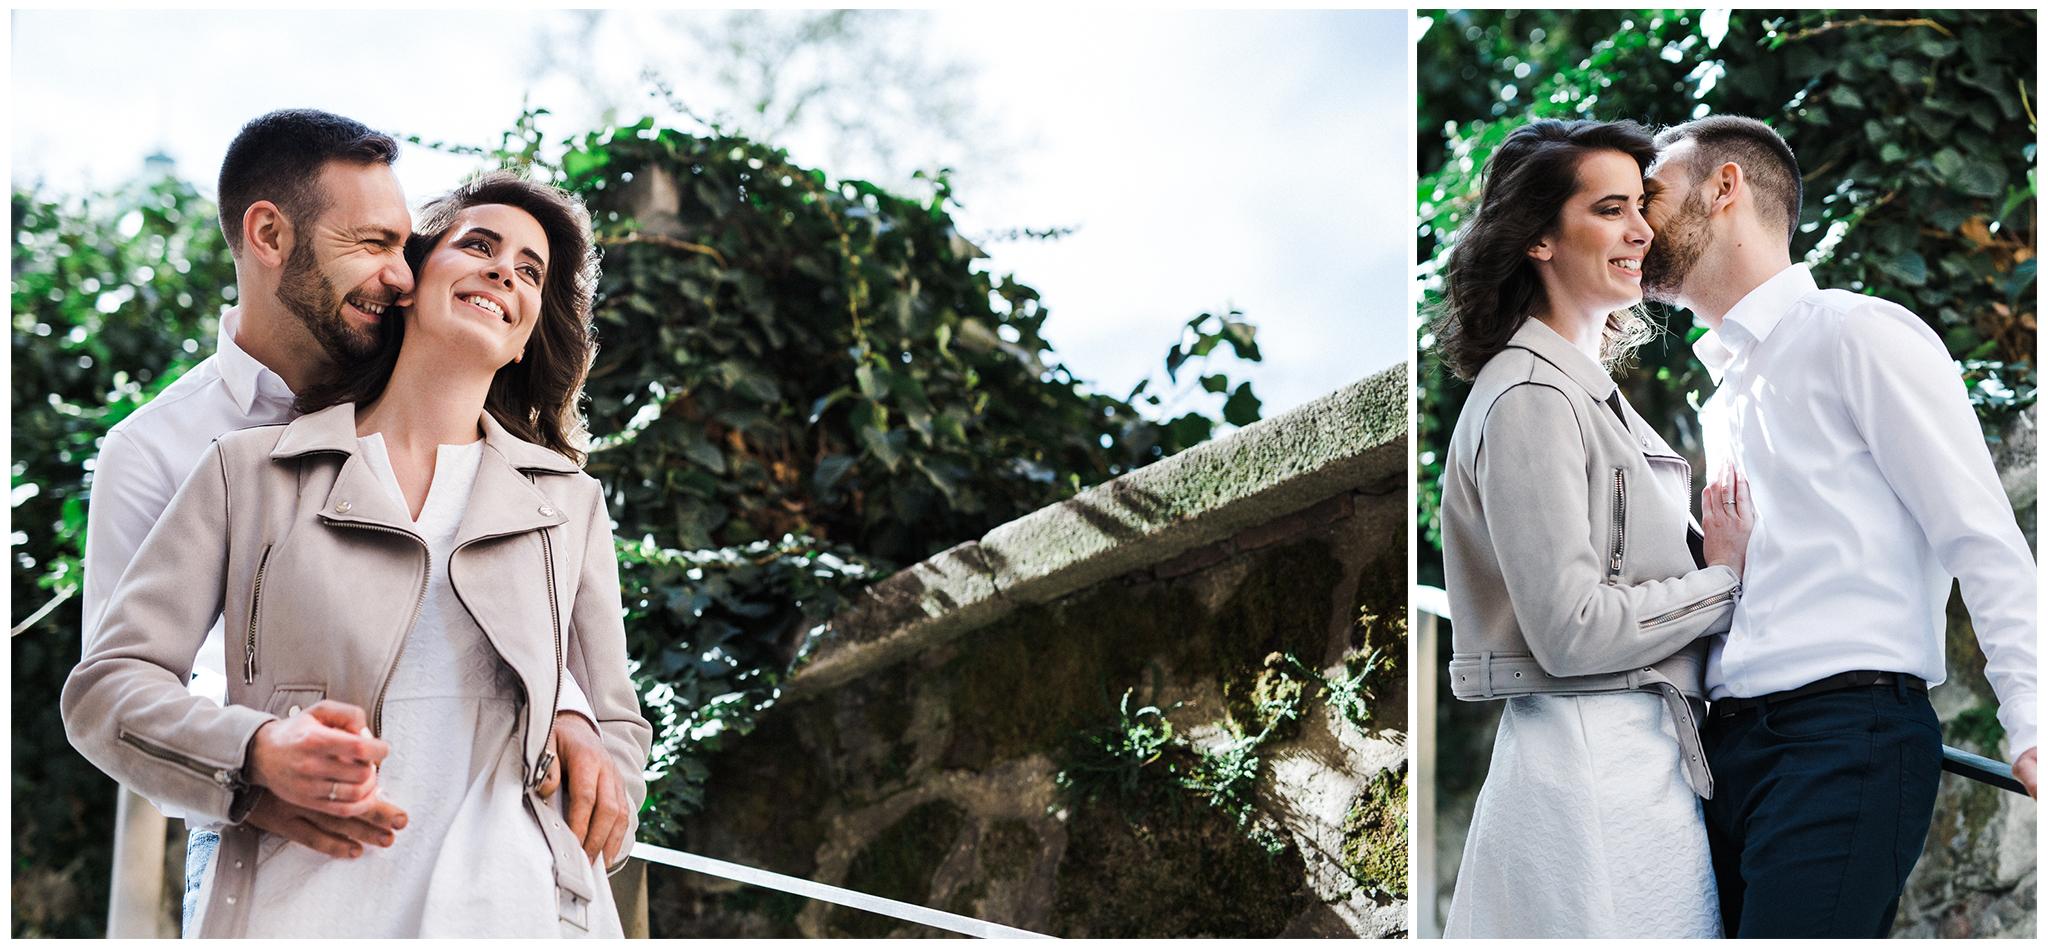 MONT_FylepPhoto, Esküvőfotós Vasmegye, Esküvő fotózás, Esküvői fotós, Körmend, Vas megye, Dunántúl, Budapest, Fülöp Péter, Jegyes fotózás, jegyesfotó_Ramona&Marci,2018_001.jpg